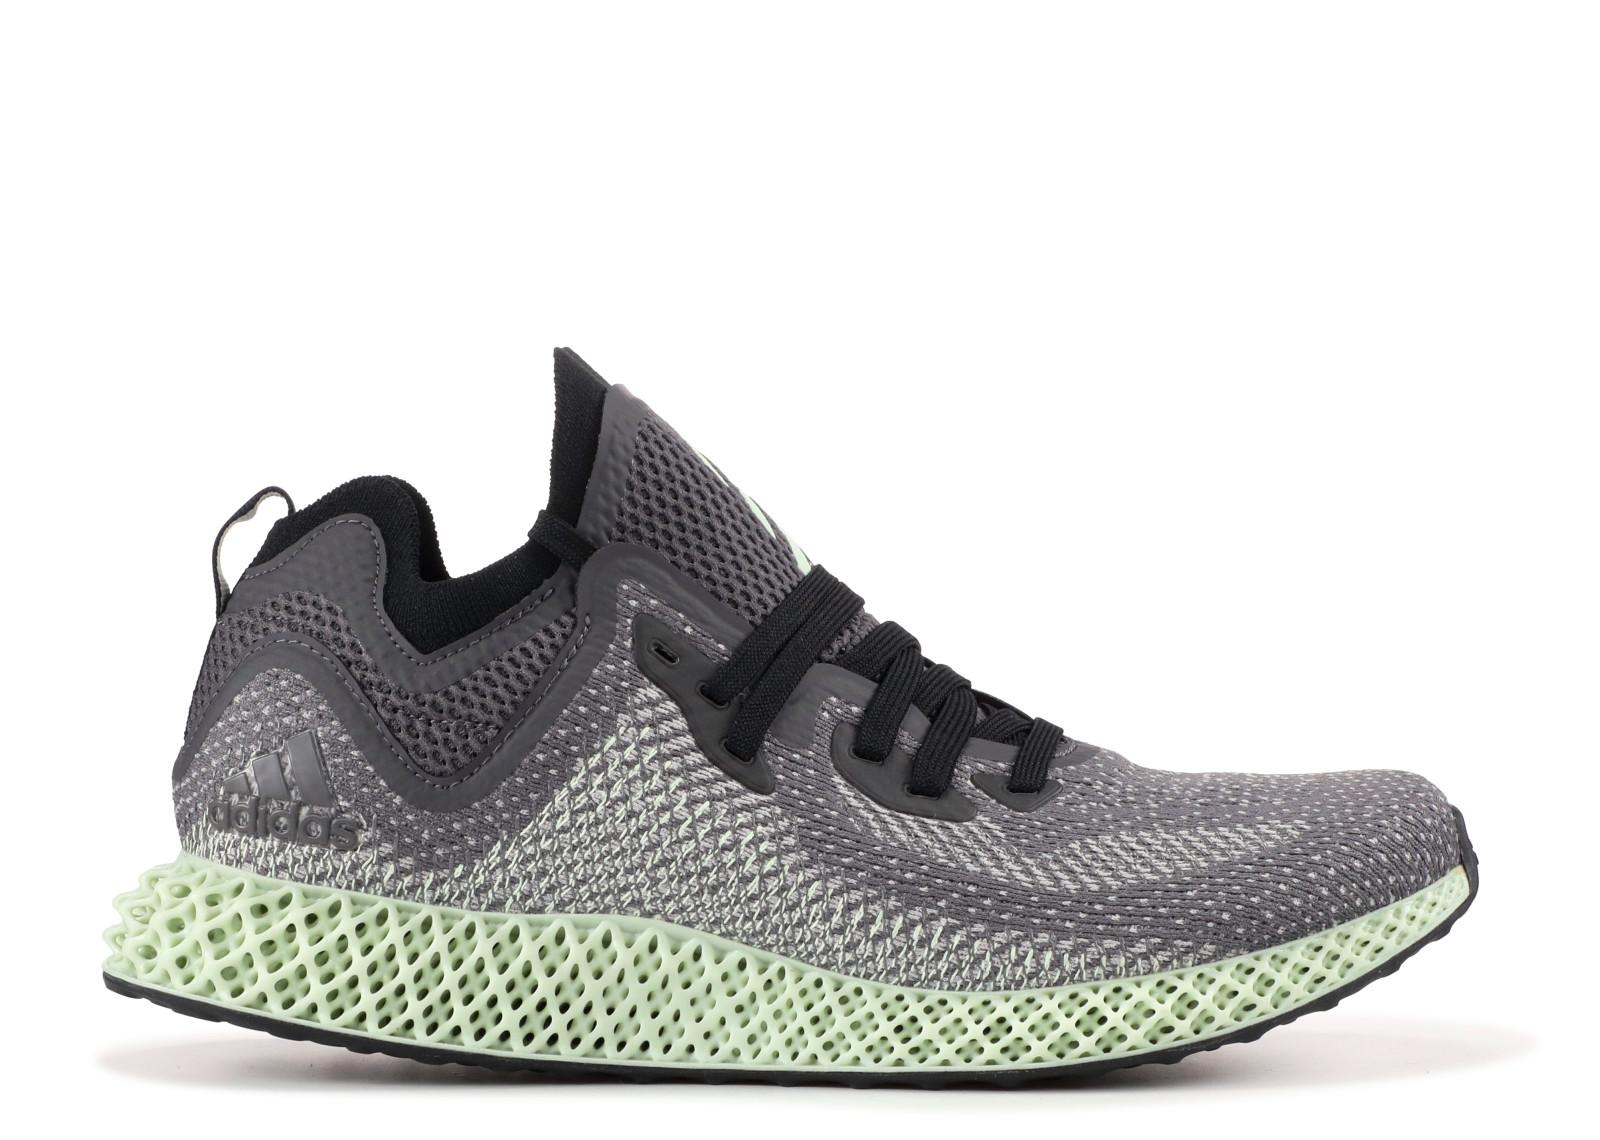 adidas-futurecraft-alphaedge-4d